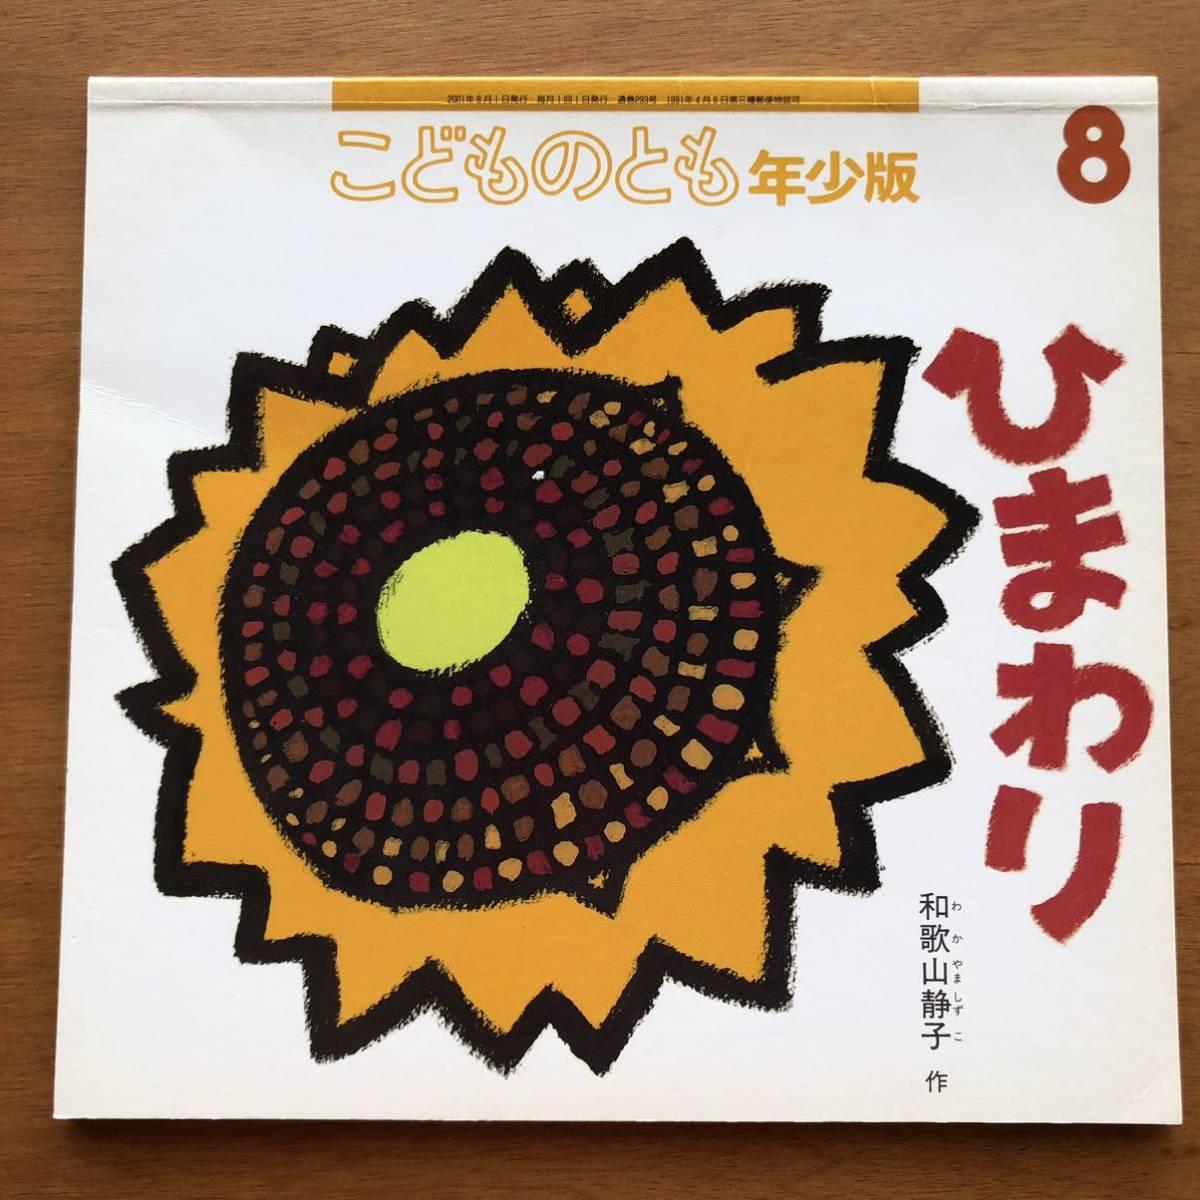 年少版こどものとも ひまわり 和歌山静子 2001年 初版 古い 絵本 読み聞かせ 読書 図書 花 種 植物